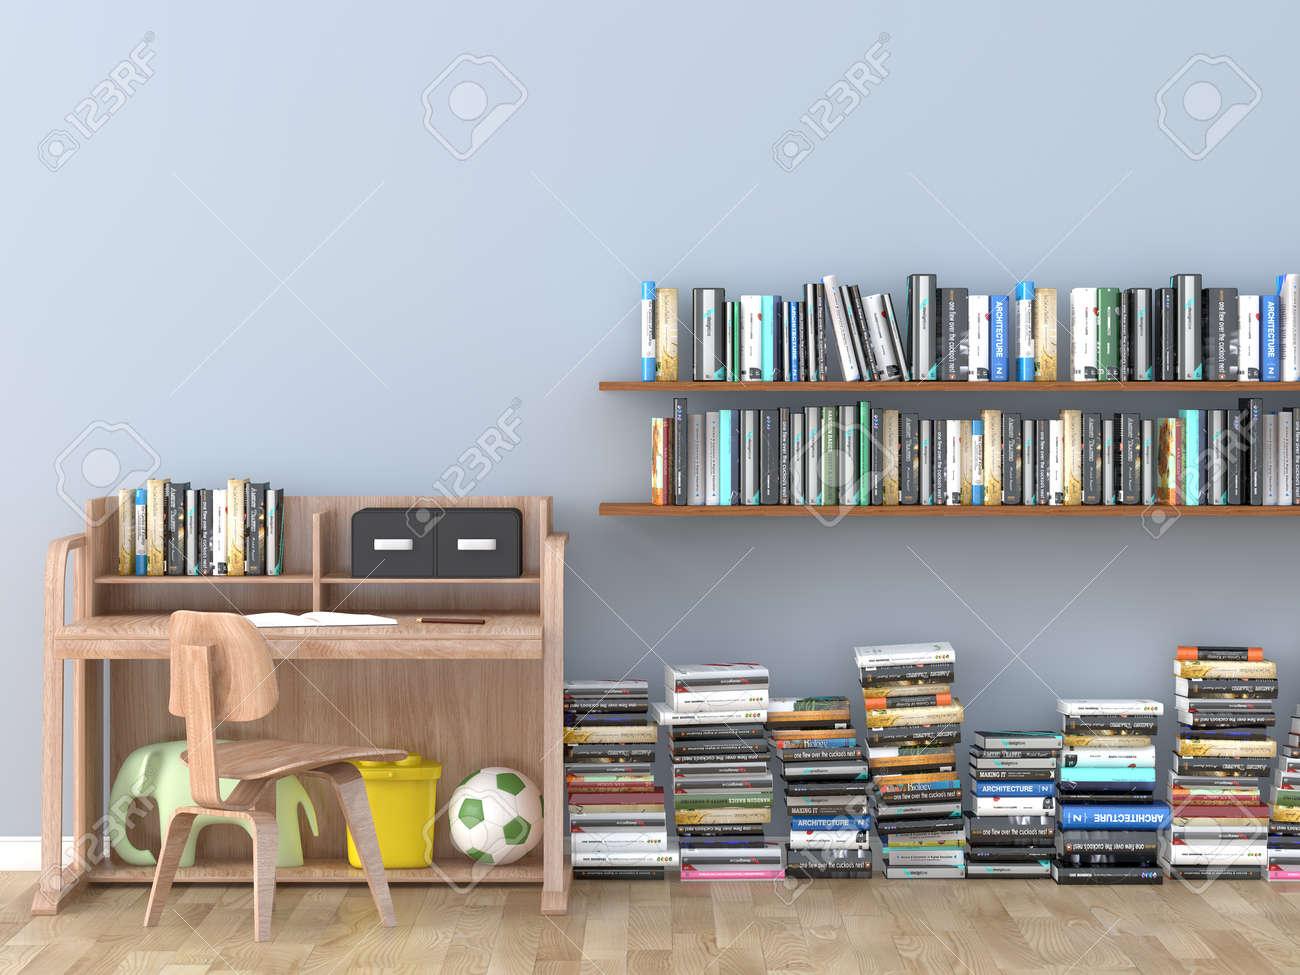 inter salle de bibliotheque chambre bibliotheque pour enfants image 3d